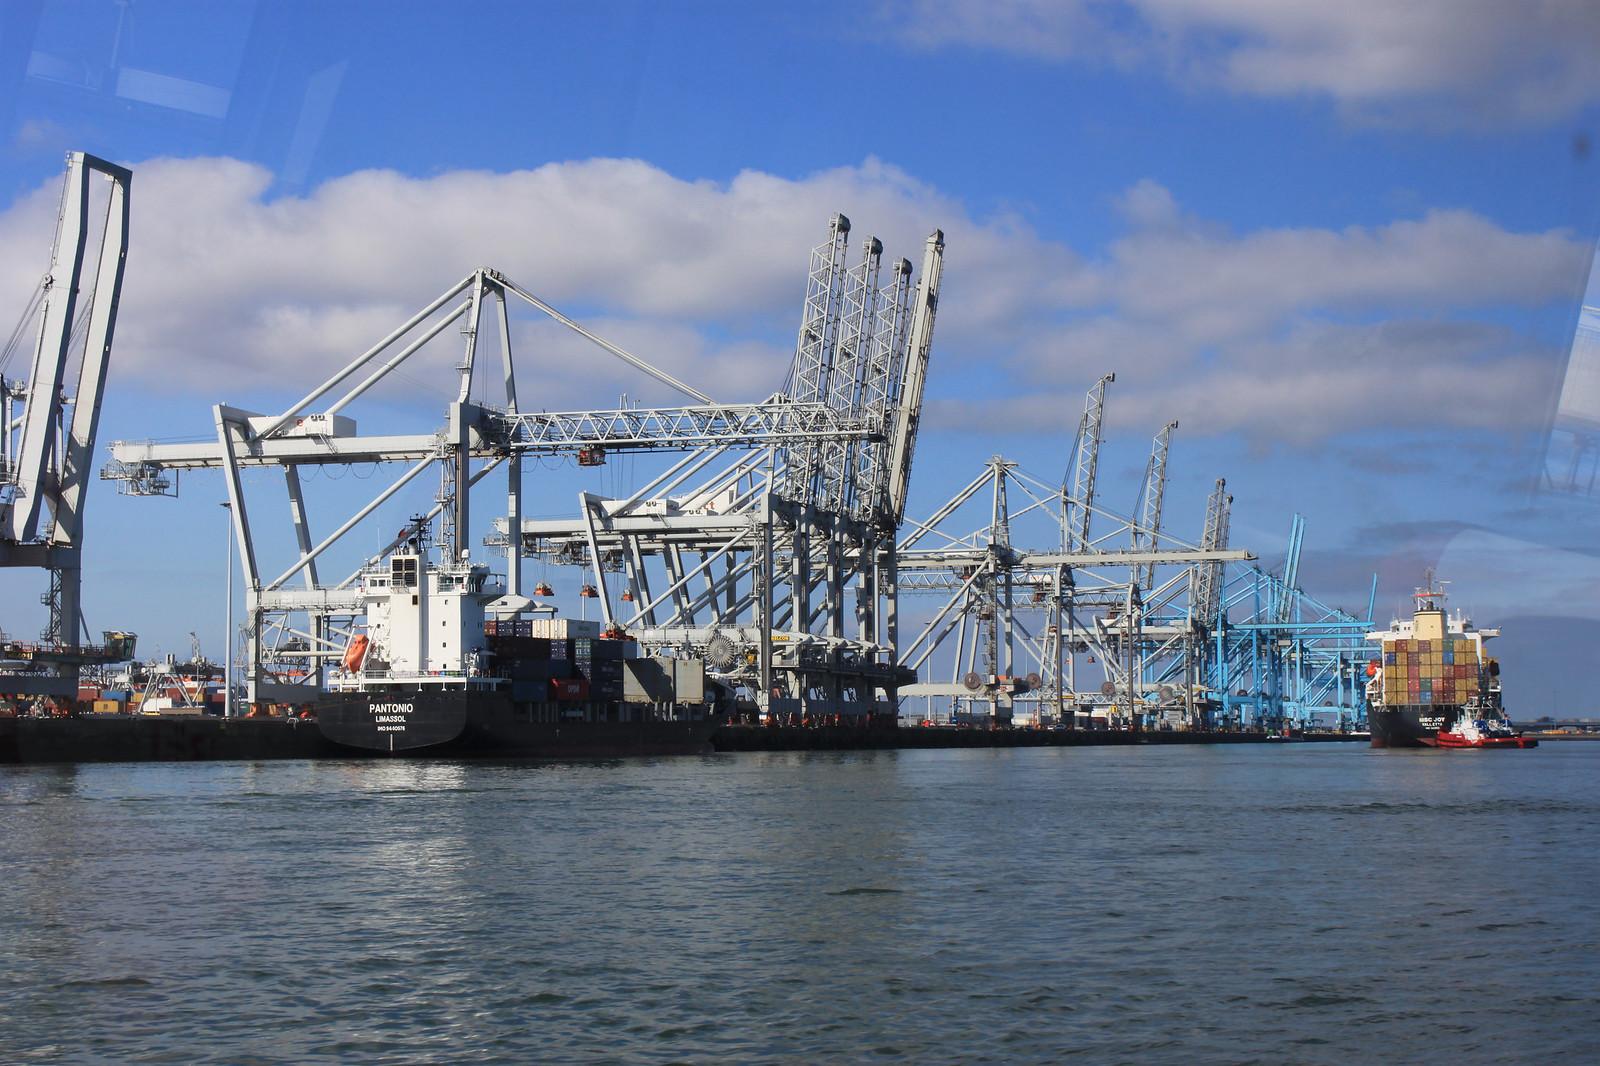 Rotterdamin satama on Euroopan suurin satama ja koko maailman mittapuun mukaan Shanghain ja Singaporen jälkeen sijalla kolme. Rahtia tuon sataman kautta kulkee vuosittain n. 430 milj. tonnia.